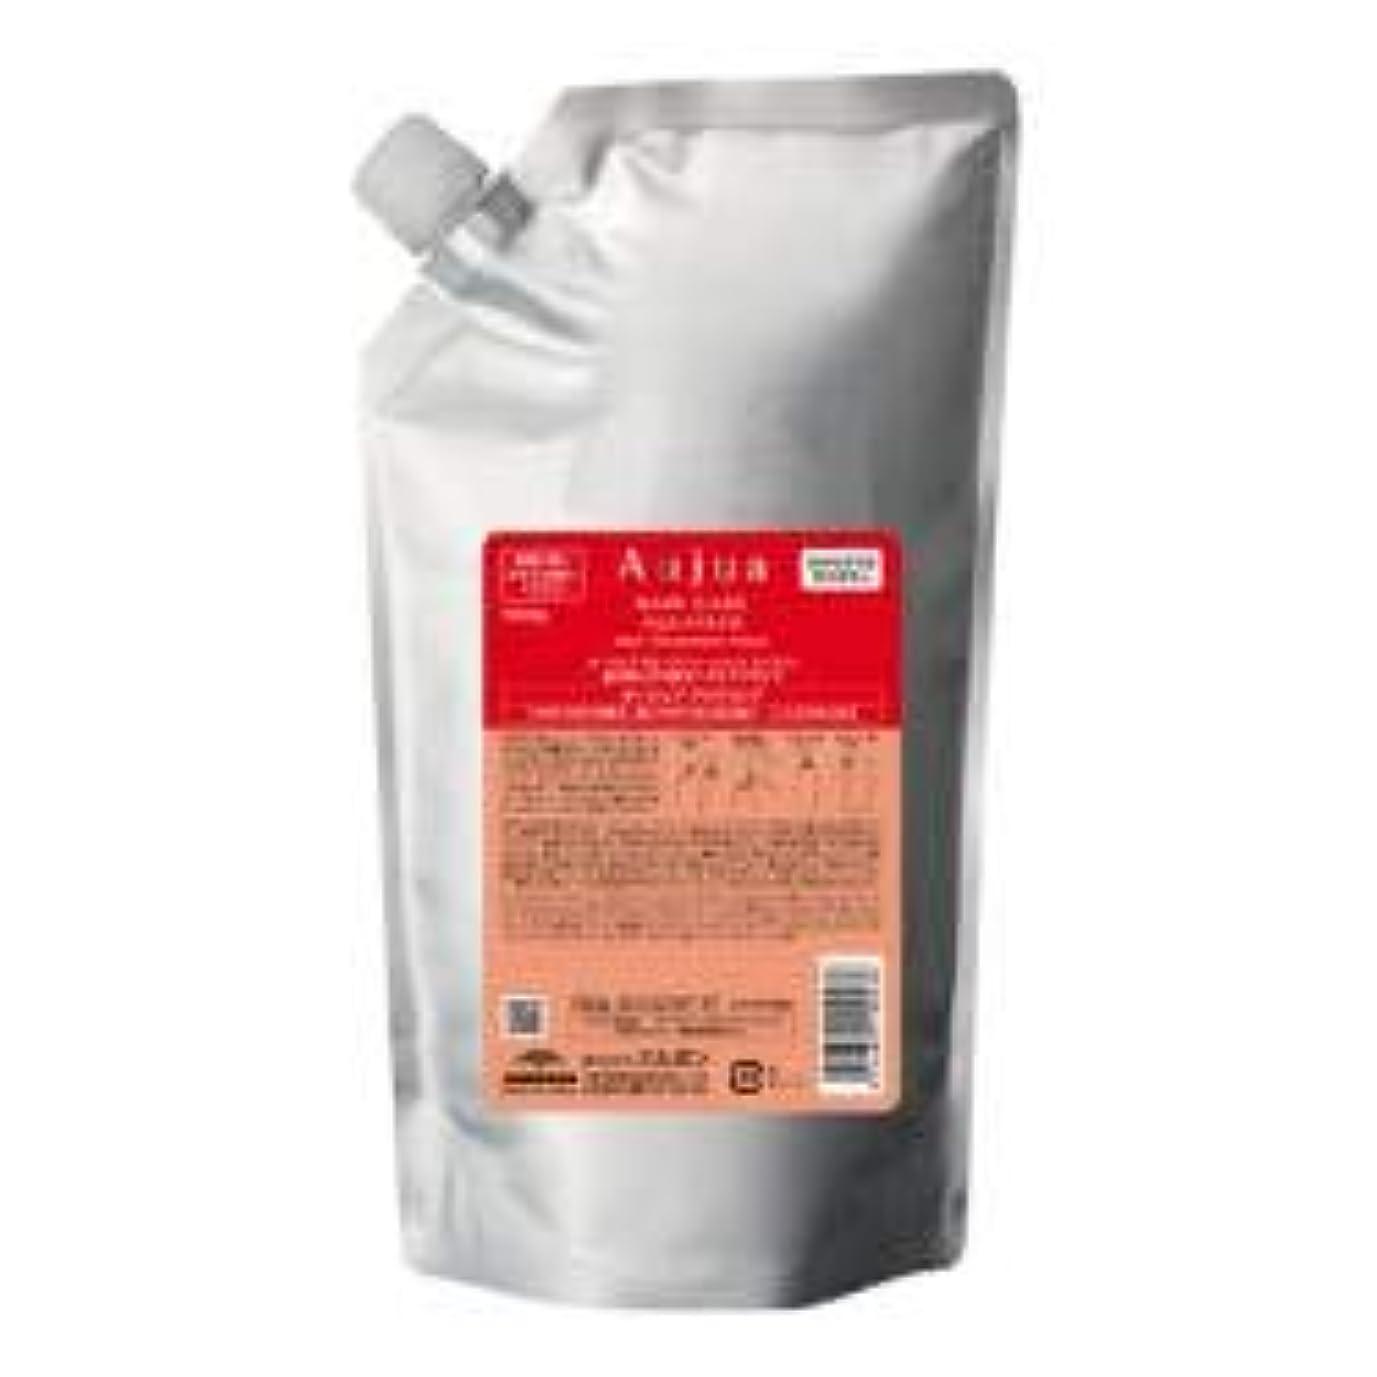 灰先史時代のアルコールオージュア AQ アクアヴィア ヘアトリートメント モイスト(1kg)